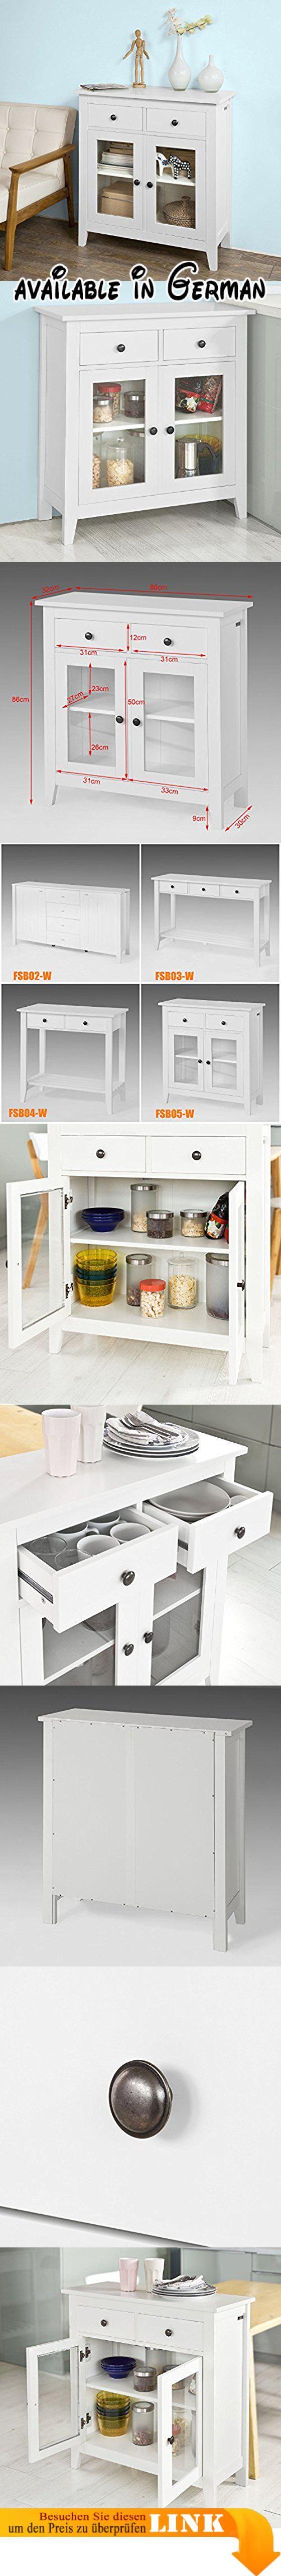 Niedlich Küchenschrank Hardware Vorlage Galerie - Küche Set Ideen ...